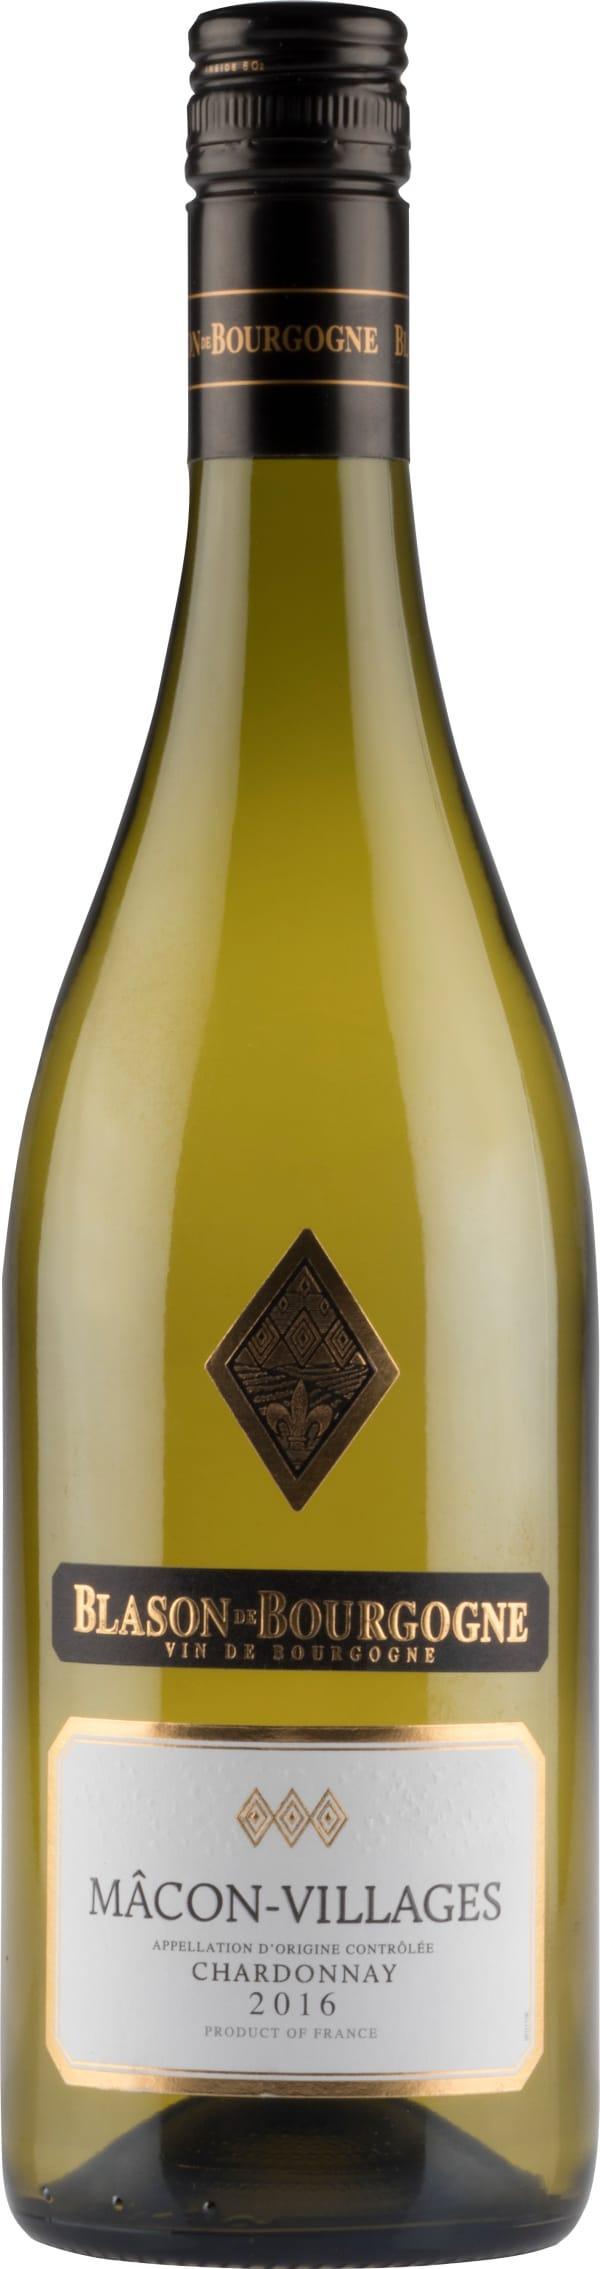 Blason de Bourgogne Mâcon-Villages Chardonnay 2016